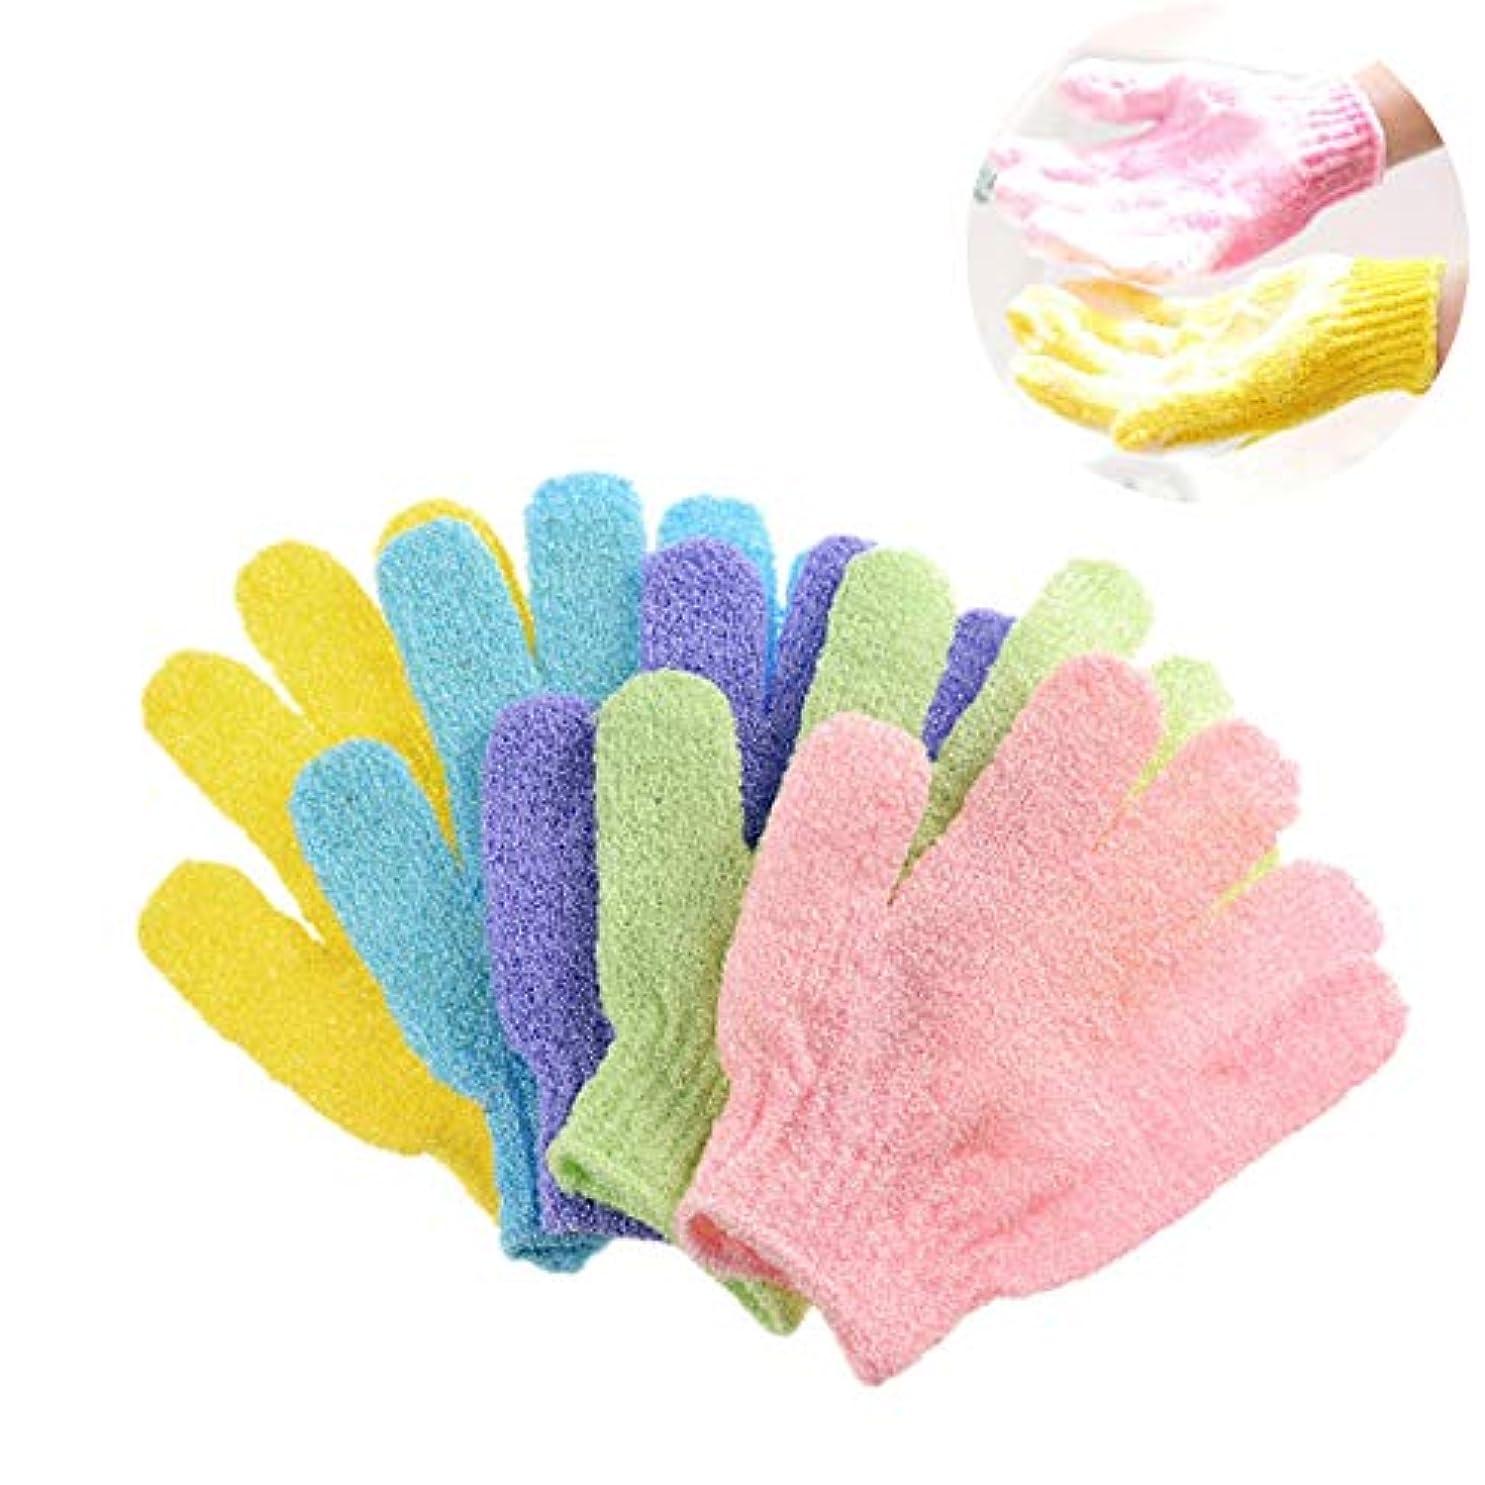 分析的過ちズボンKingsie 浴用手袋 10枚セット(5ペア) ボディウォッシュ手袋 お風呂手袋 角質除去 角質取り 泡立ち 垢すり グローブ